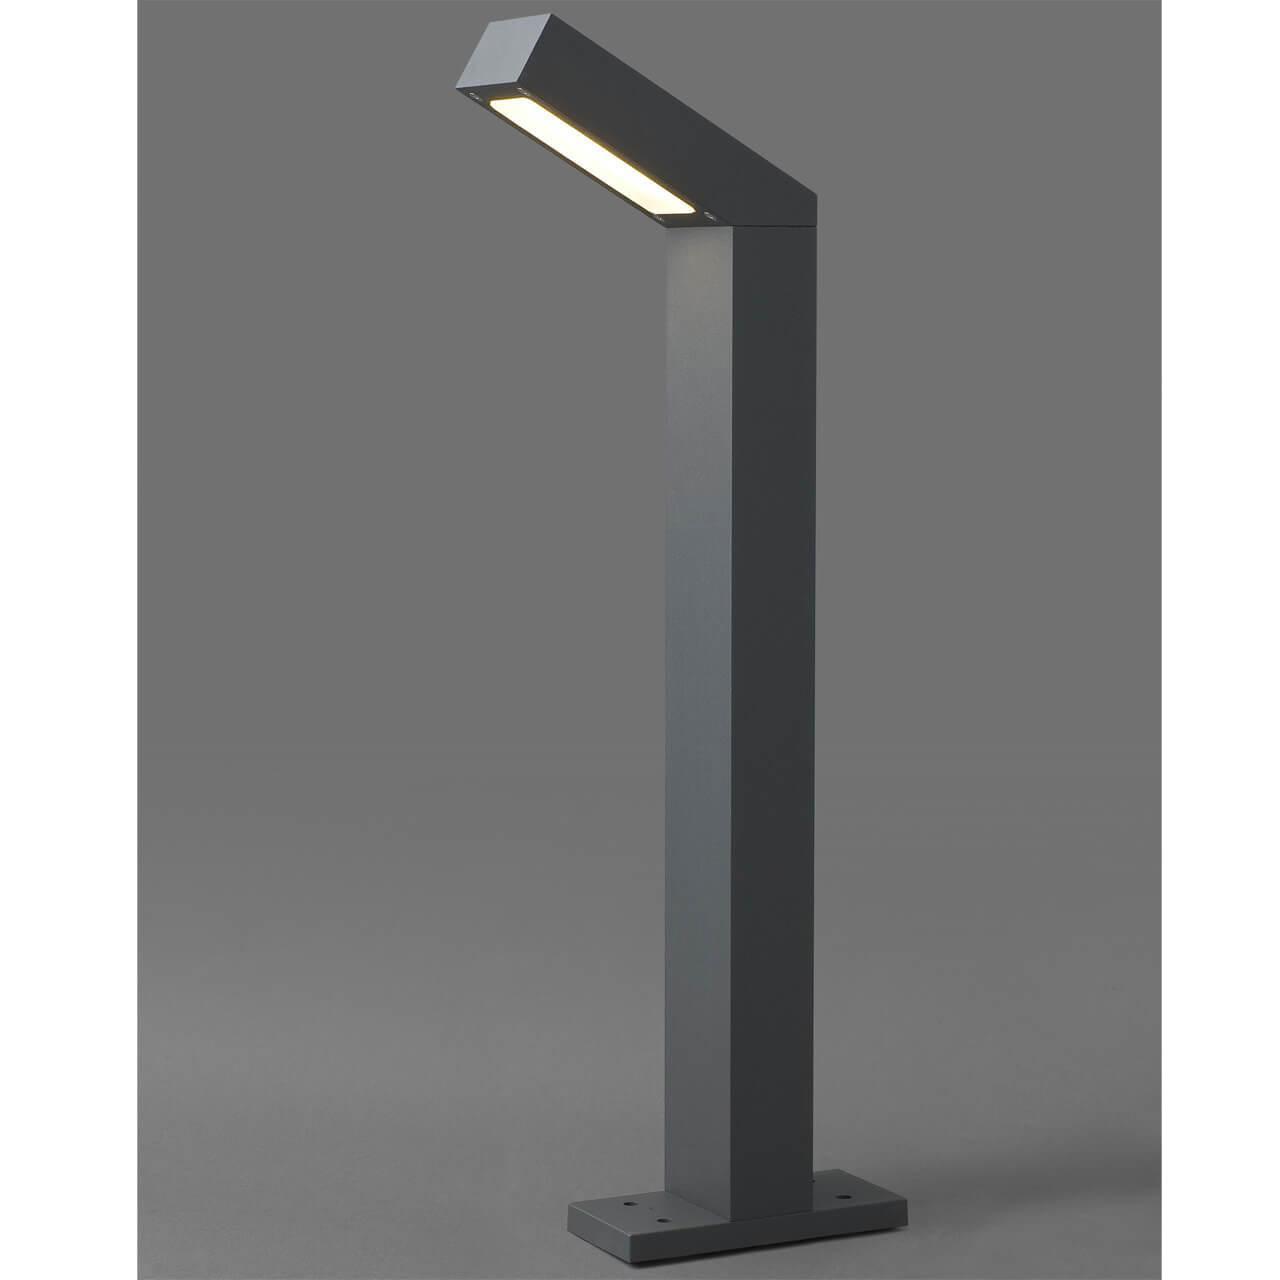 Уличный светильник Nowodvorski 4448, LED уличный светильник nowodvorski 9512 led